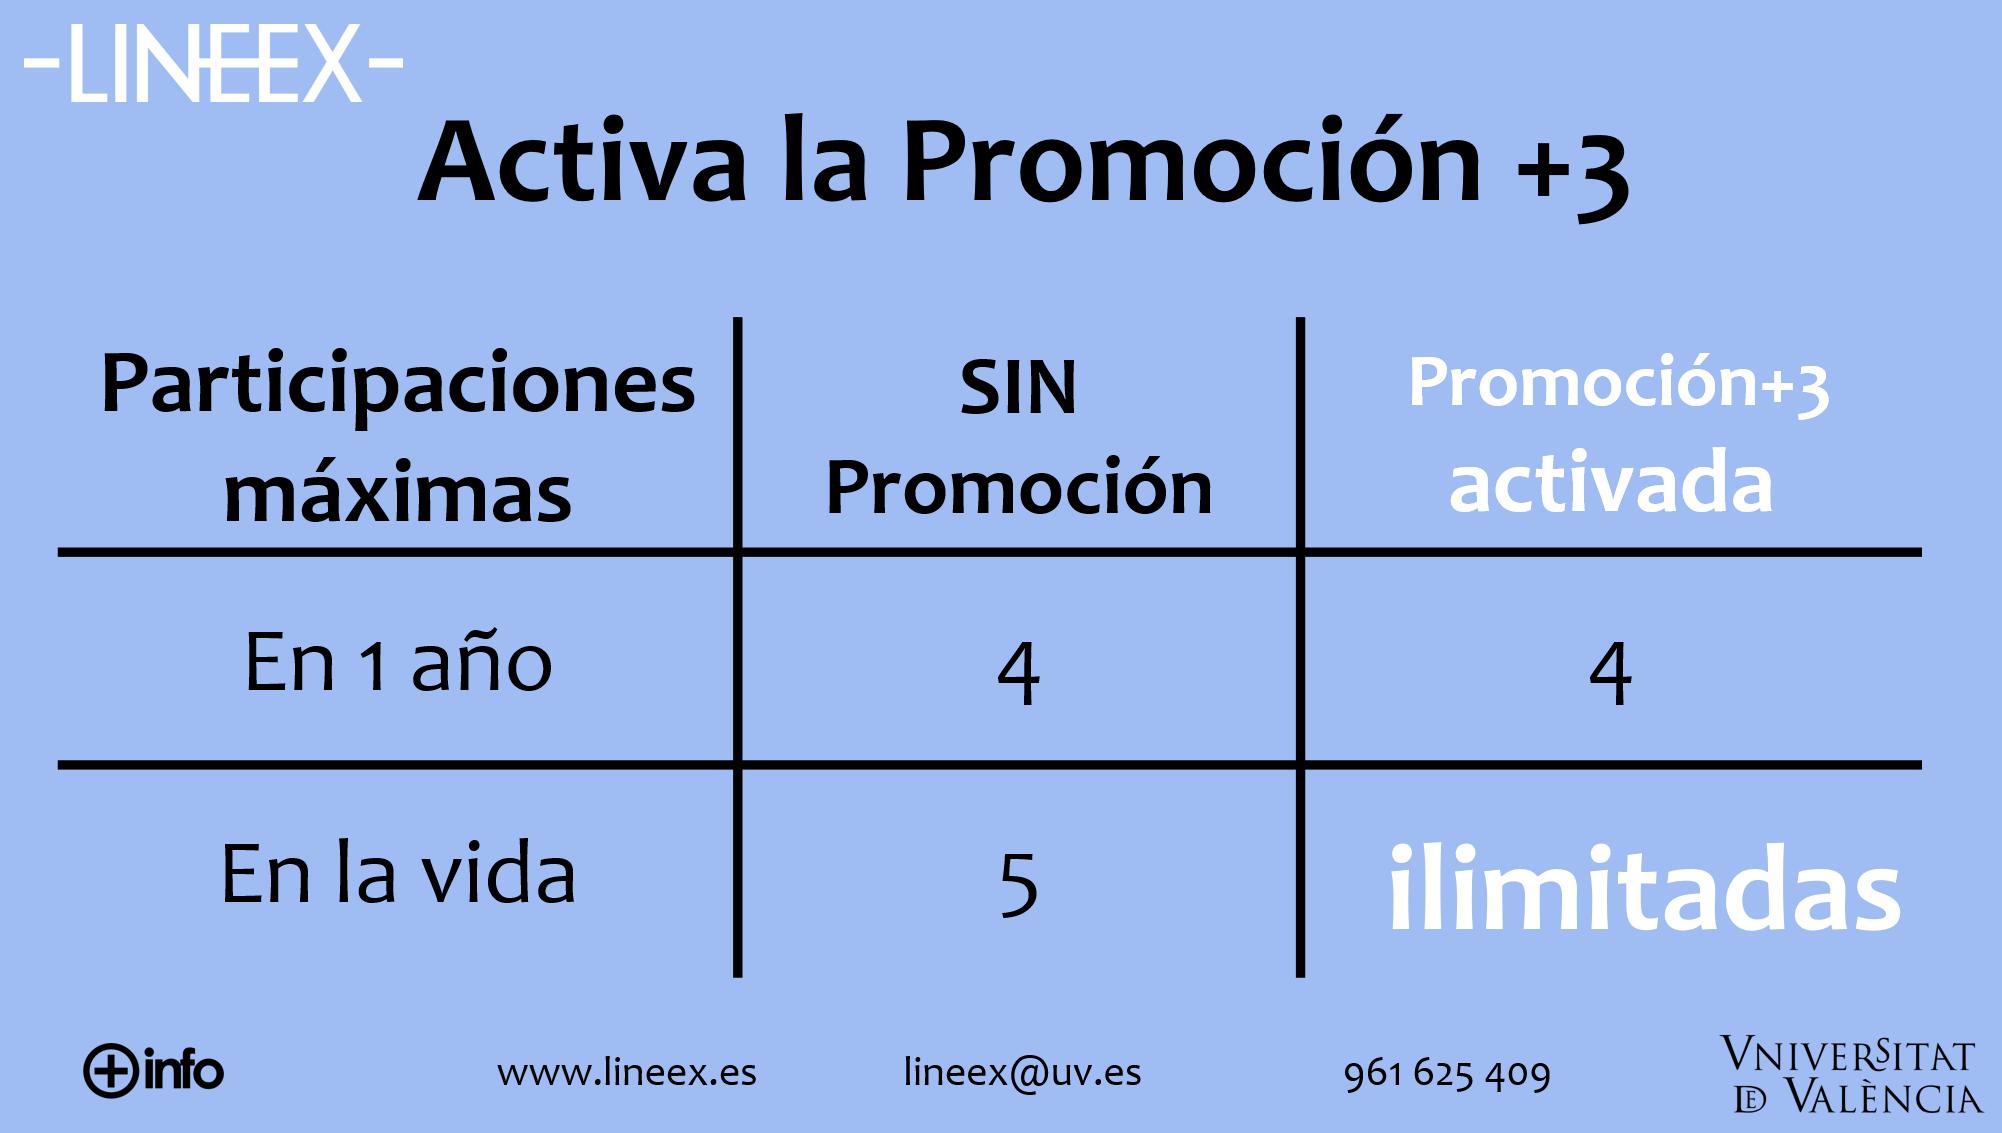 PROMO+3